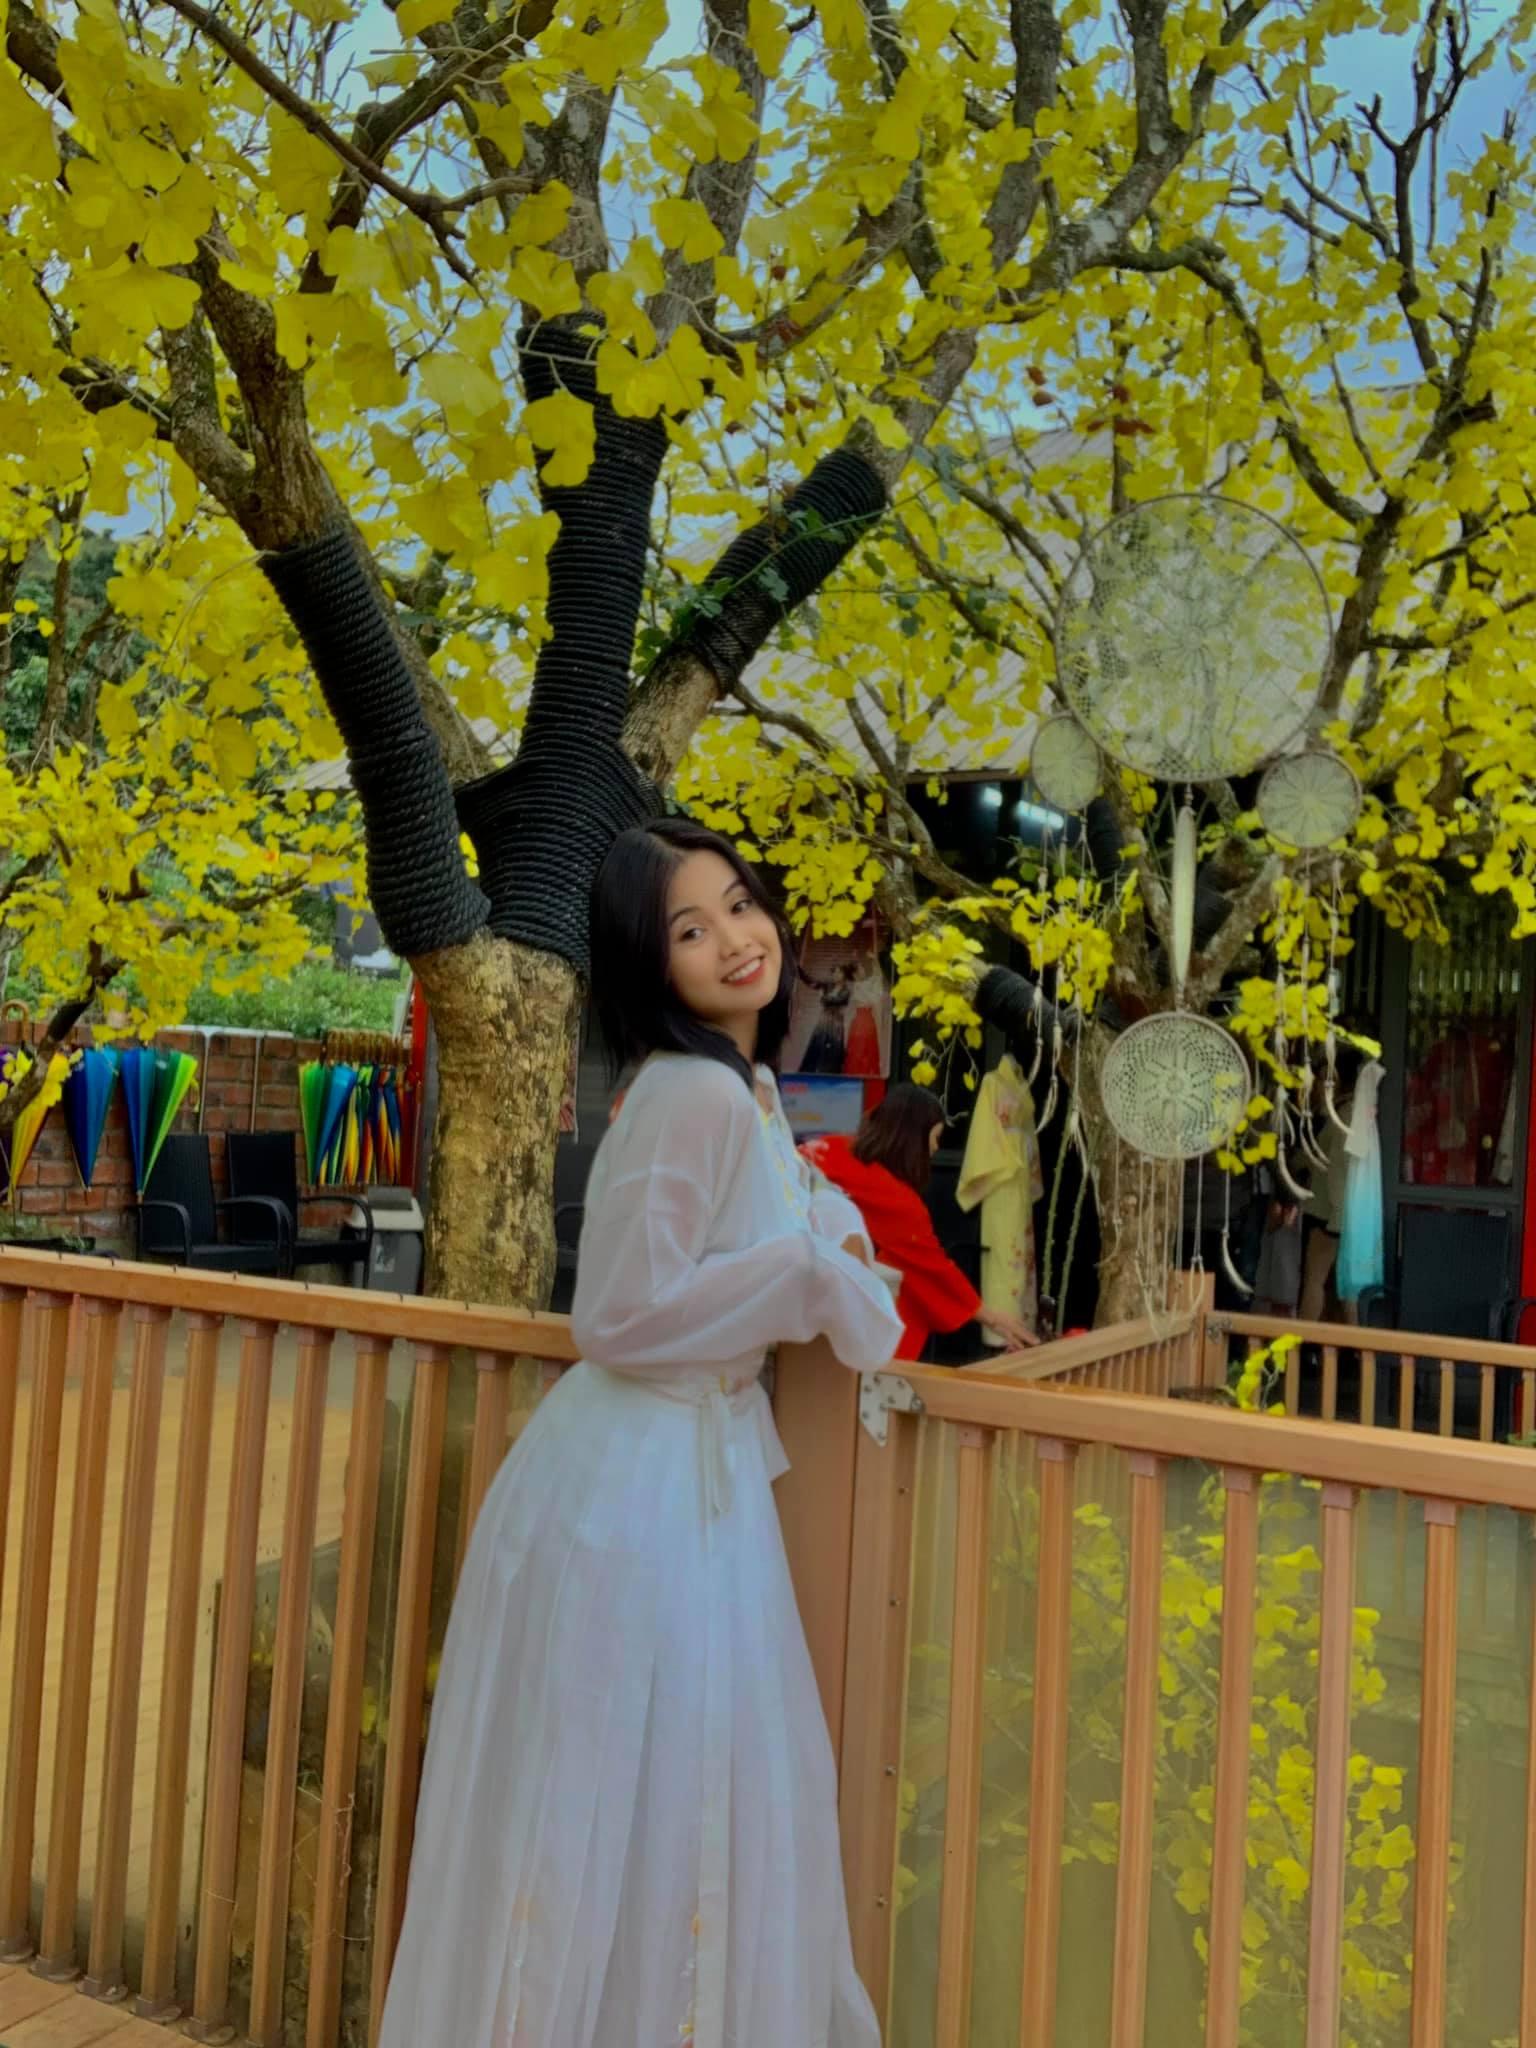 Ngắm vẻ đẹp gây thương nhớ của nữ cung thủ mở màn cho thể thao Việt Nam tại Olympic Tokyo - ảnh 9